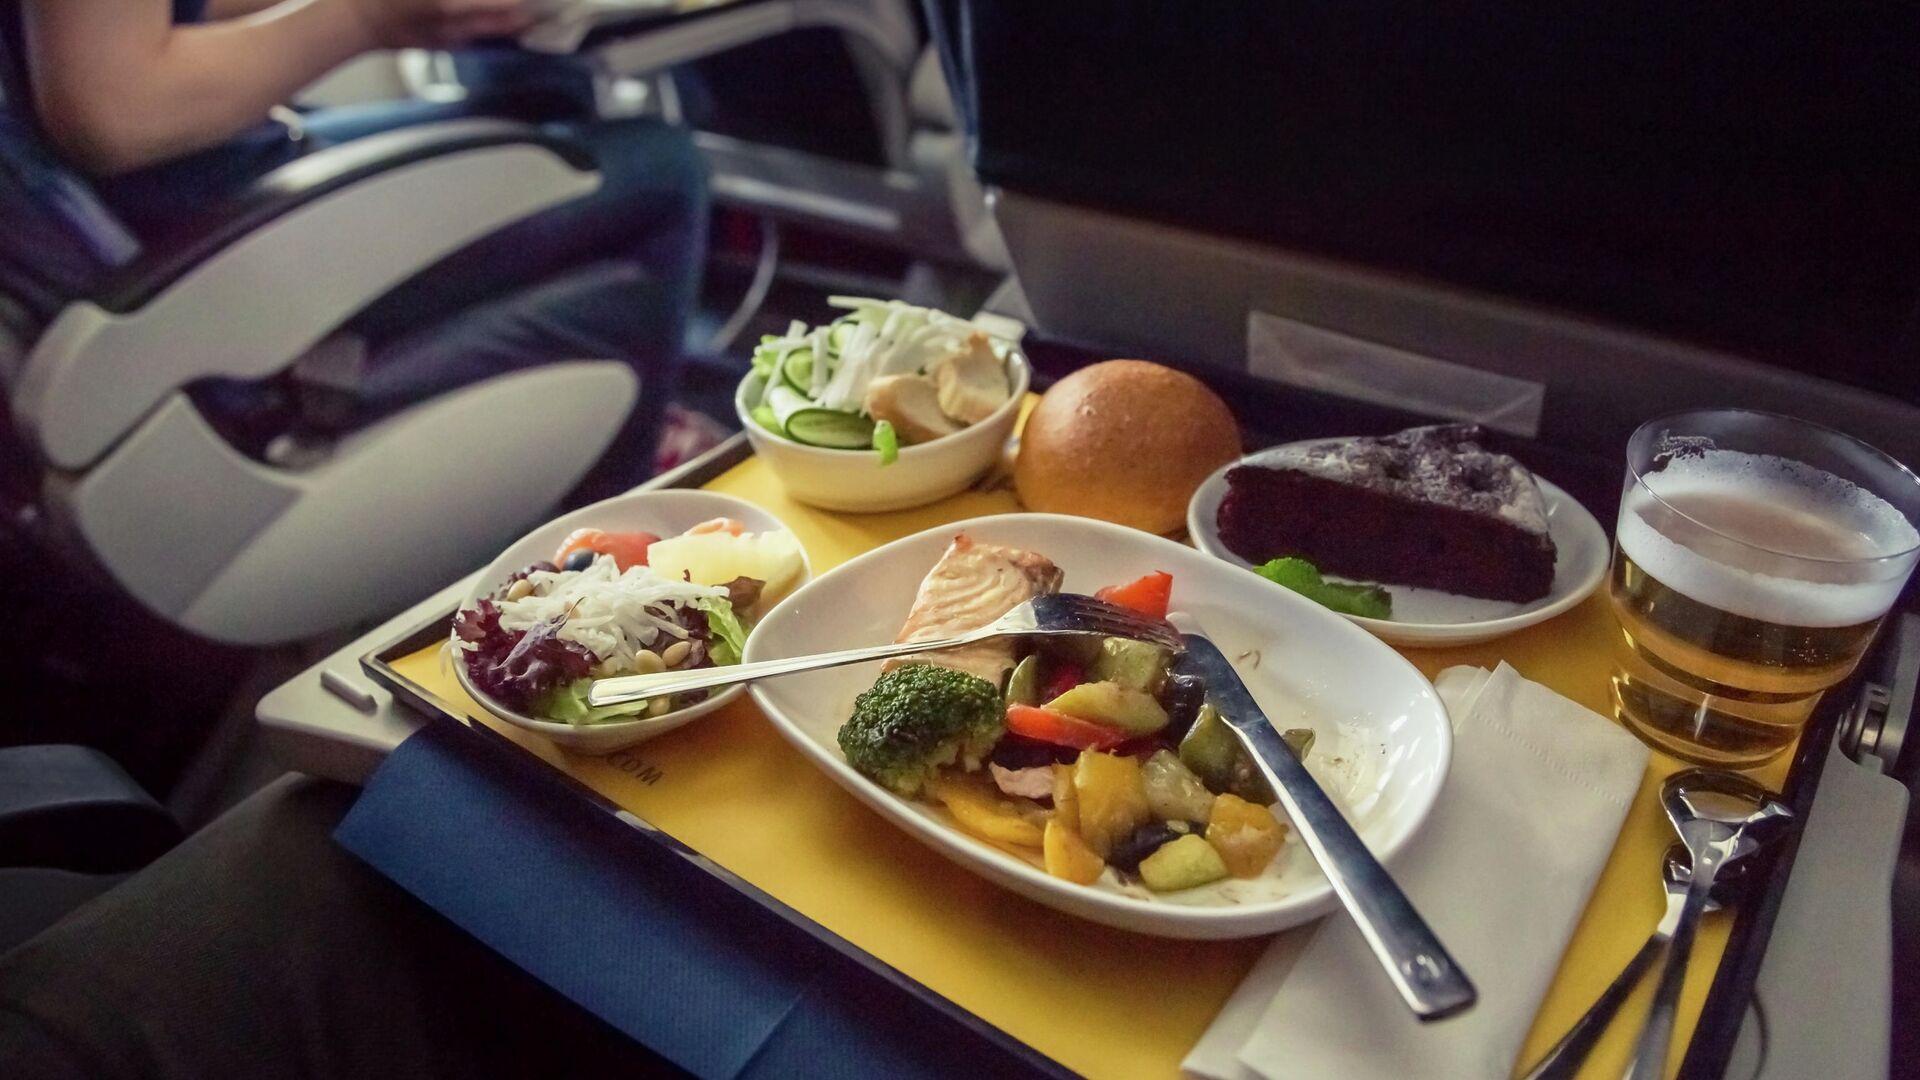 Еда на борту самолета - РИА Новости, 1920, 25.06.2020